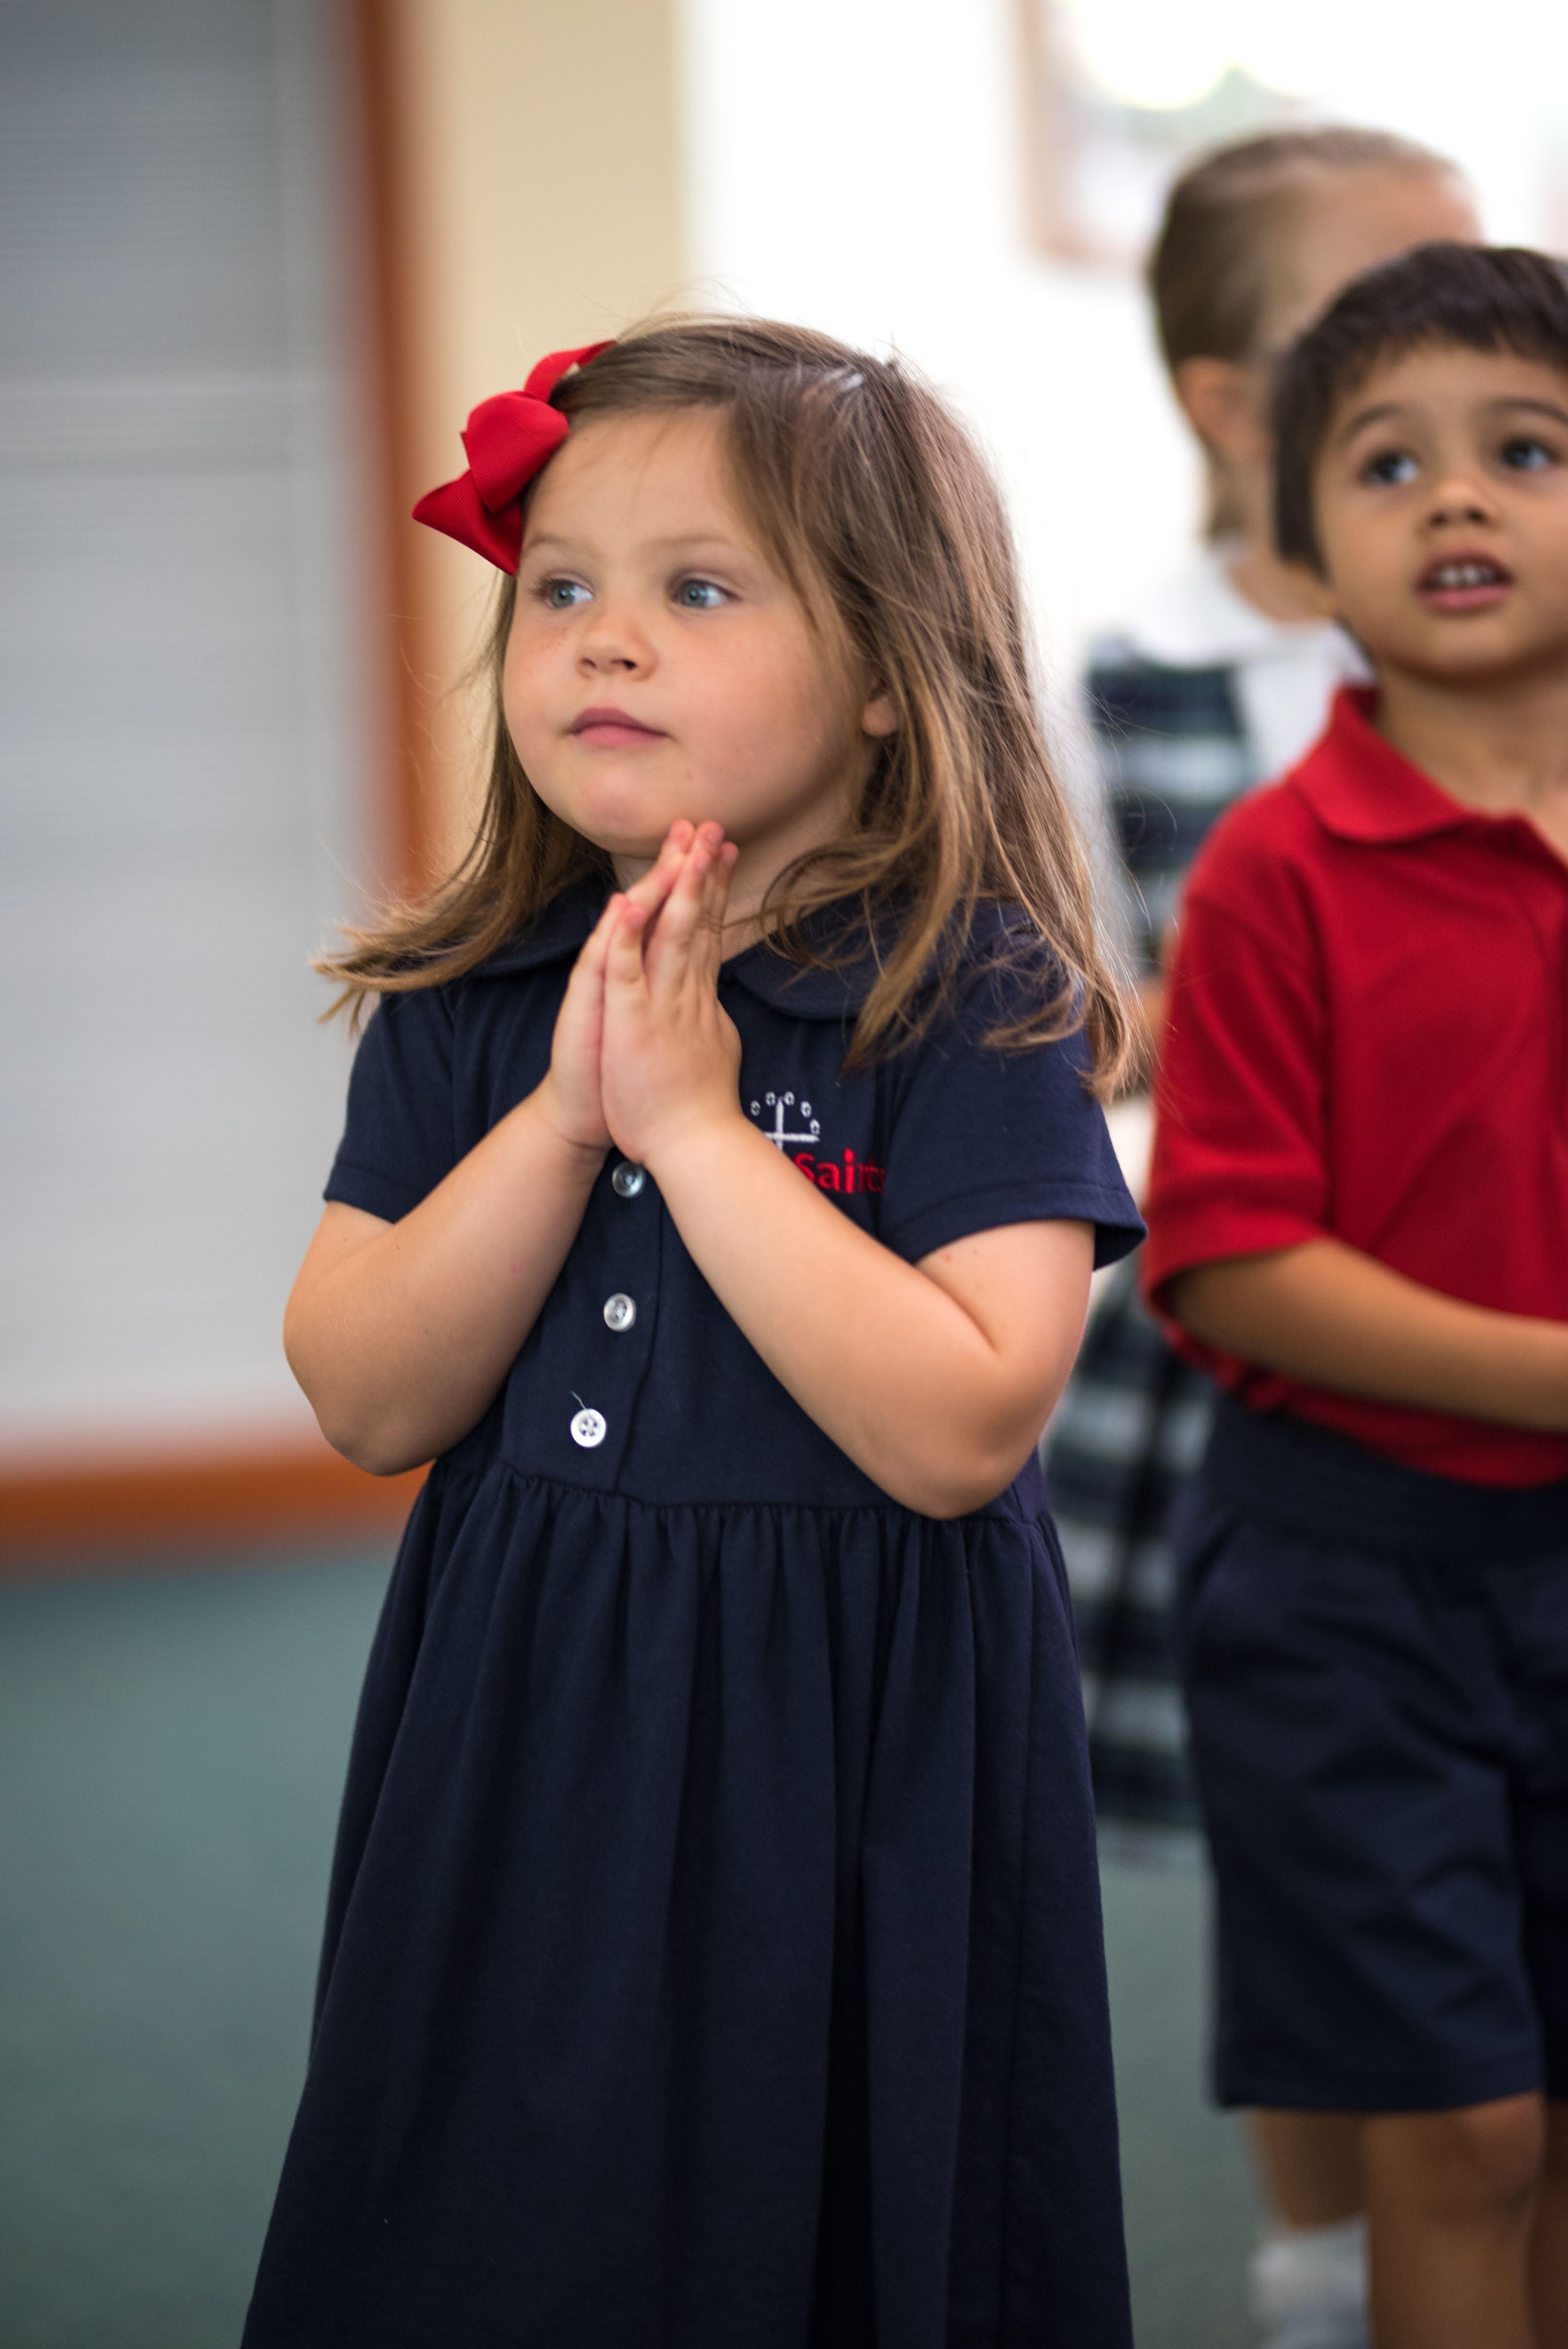 Praying during Liturgy